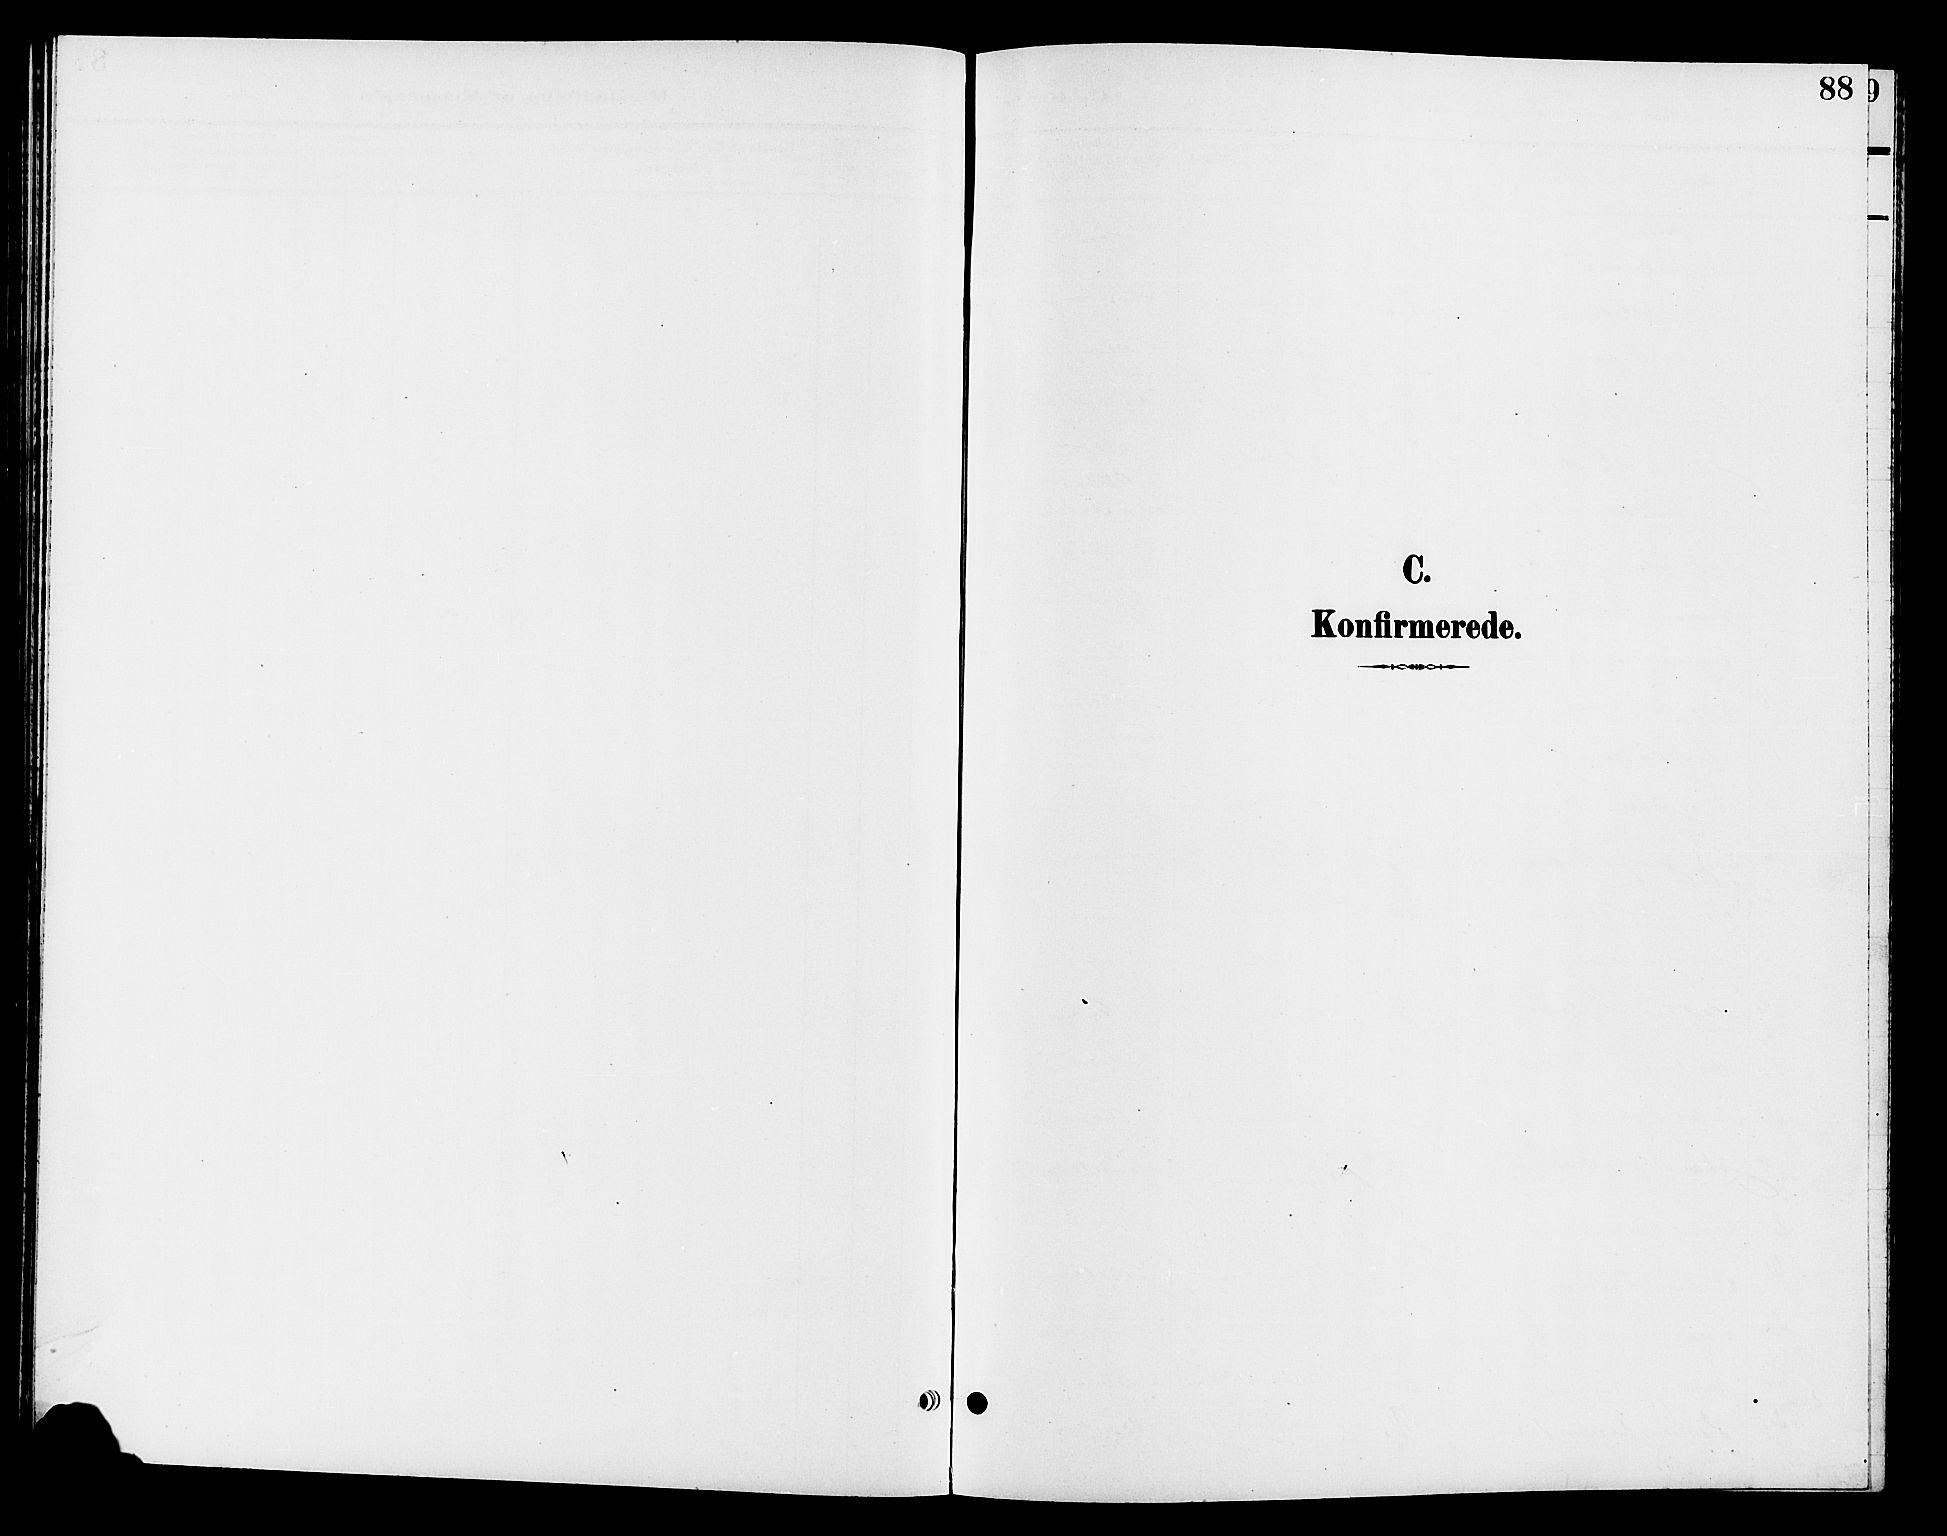 SAH, Jevnaker prestekontor, Klokkerbok nr. 3, 1896-1909, s. 88